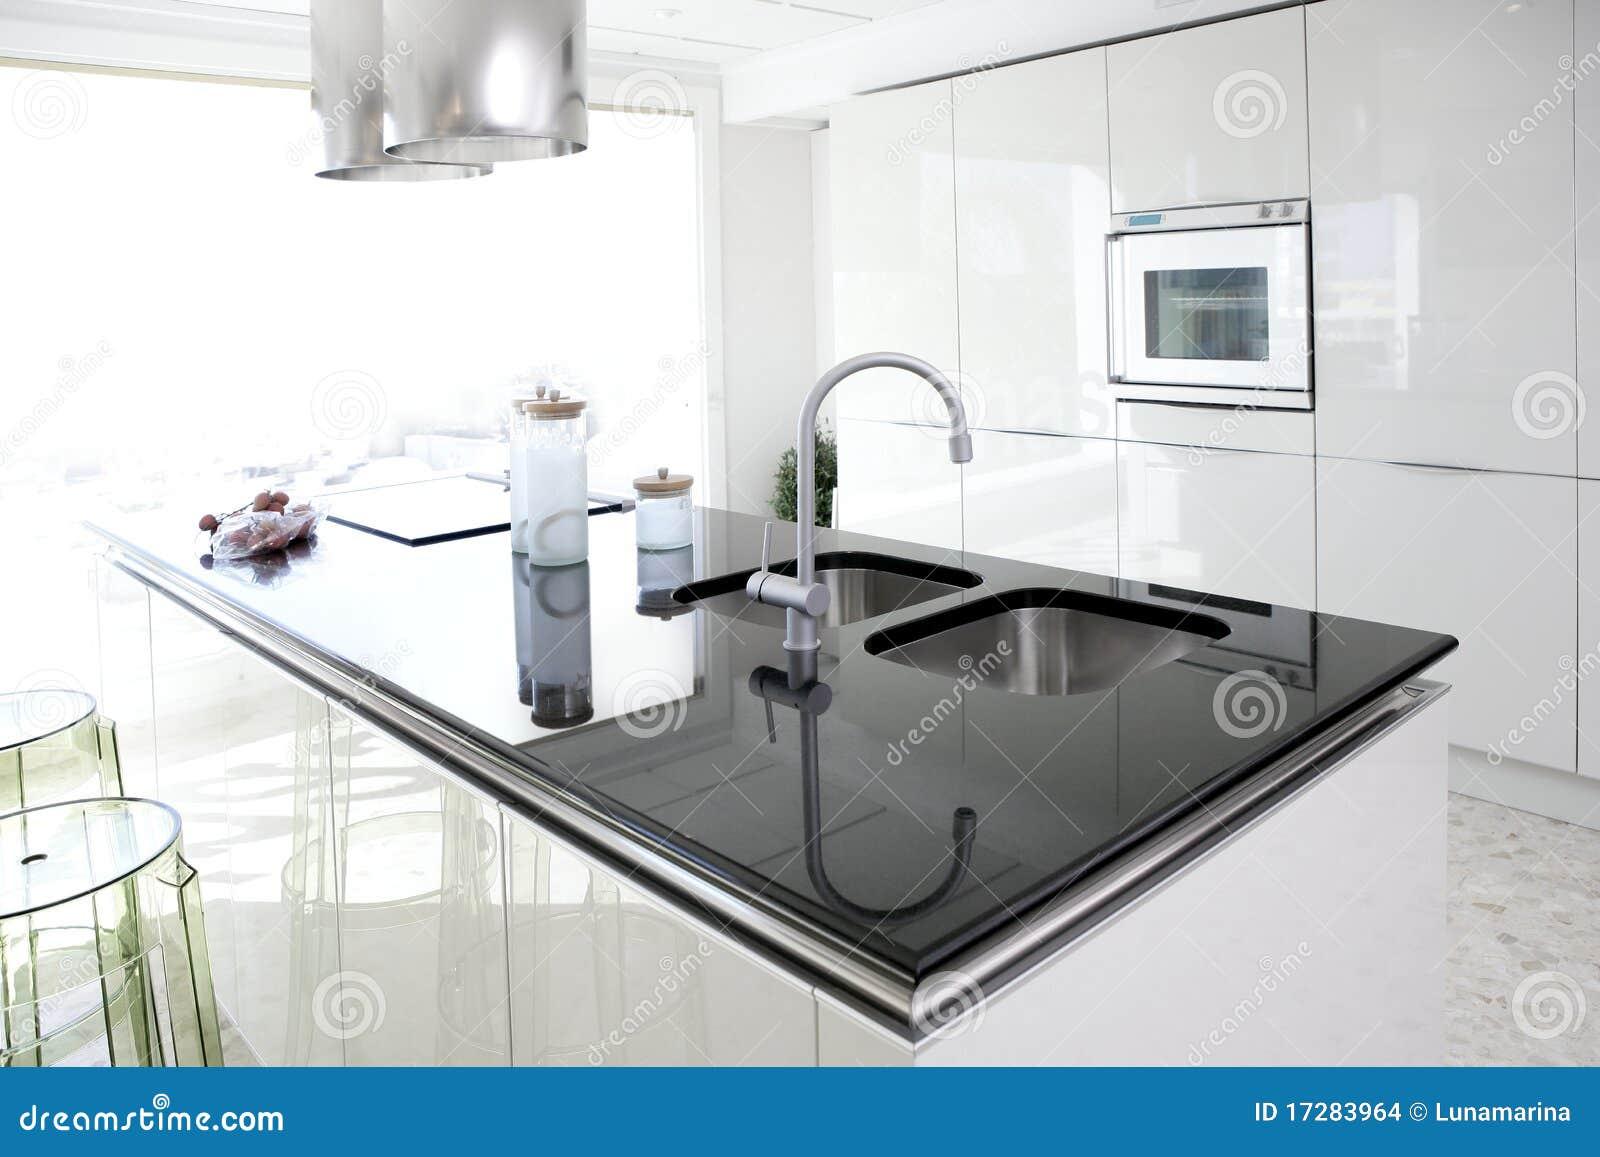 Saubere Innenarchitektur der modernen weißen Küche